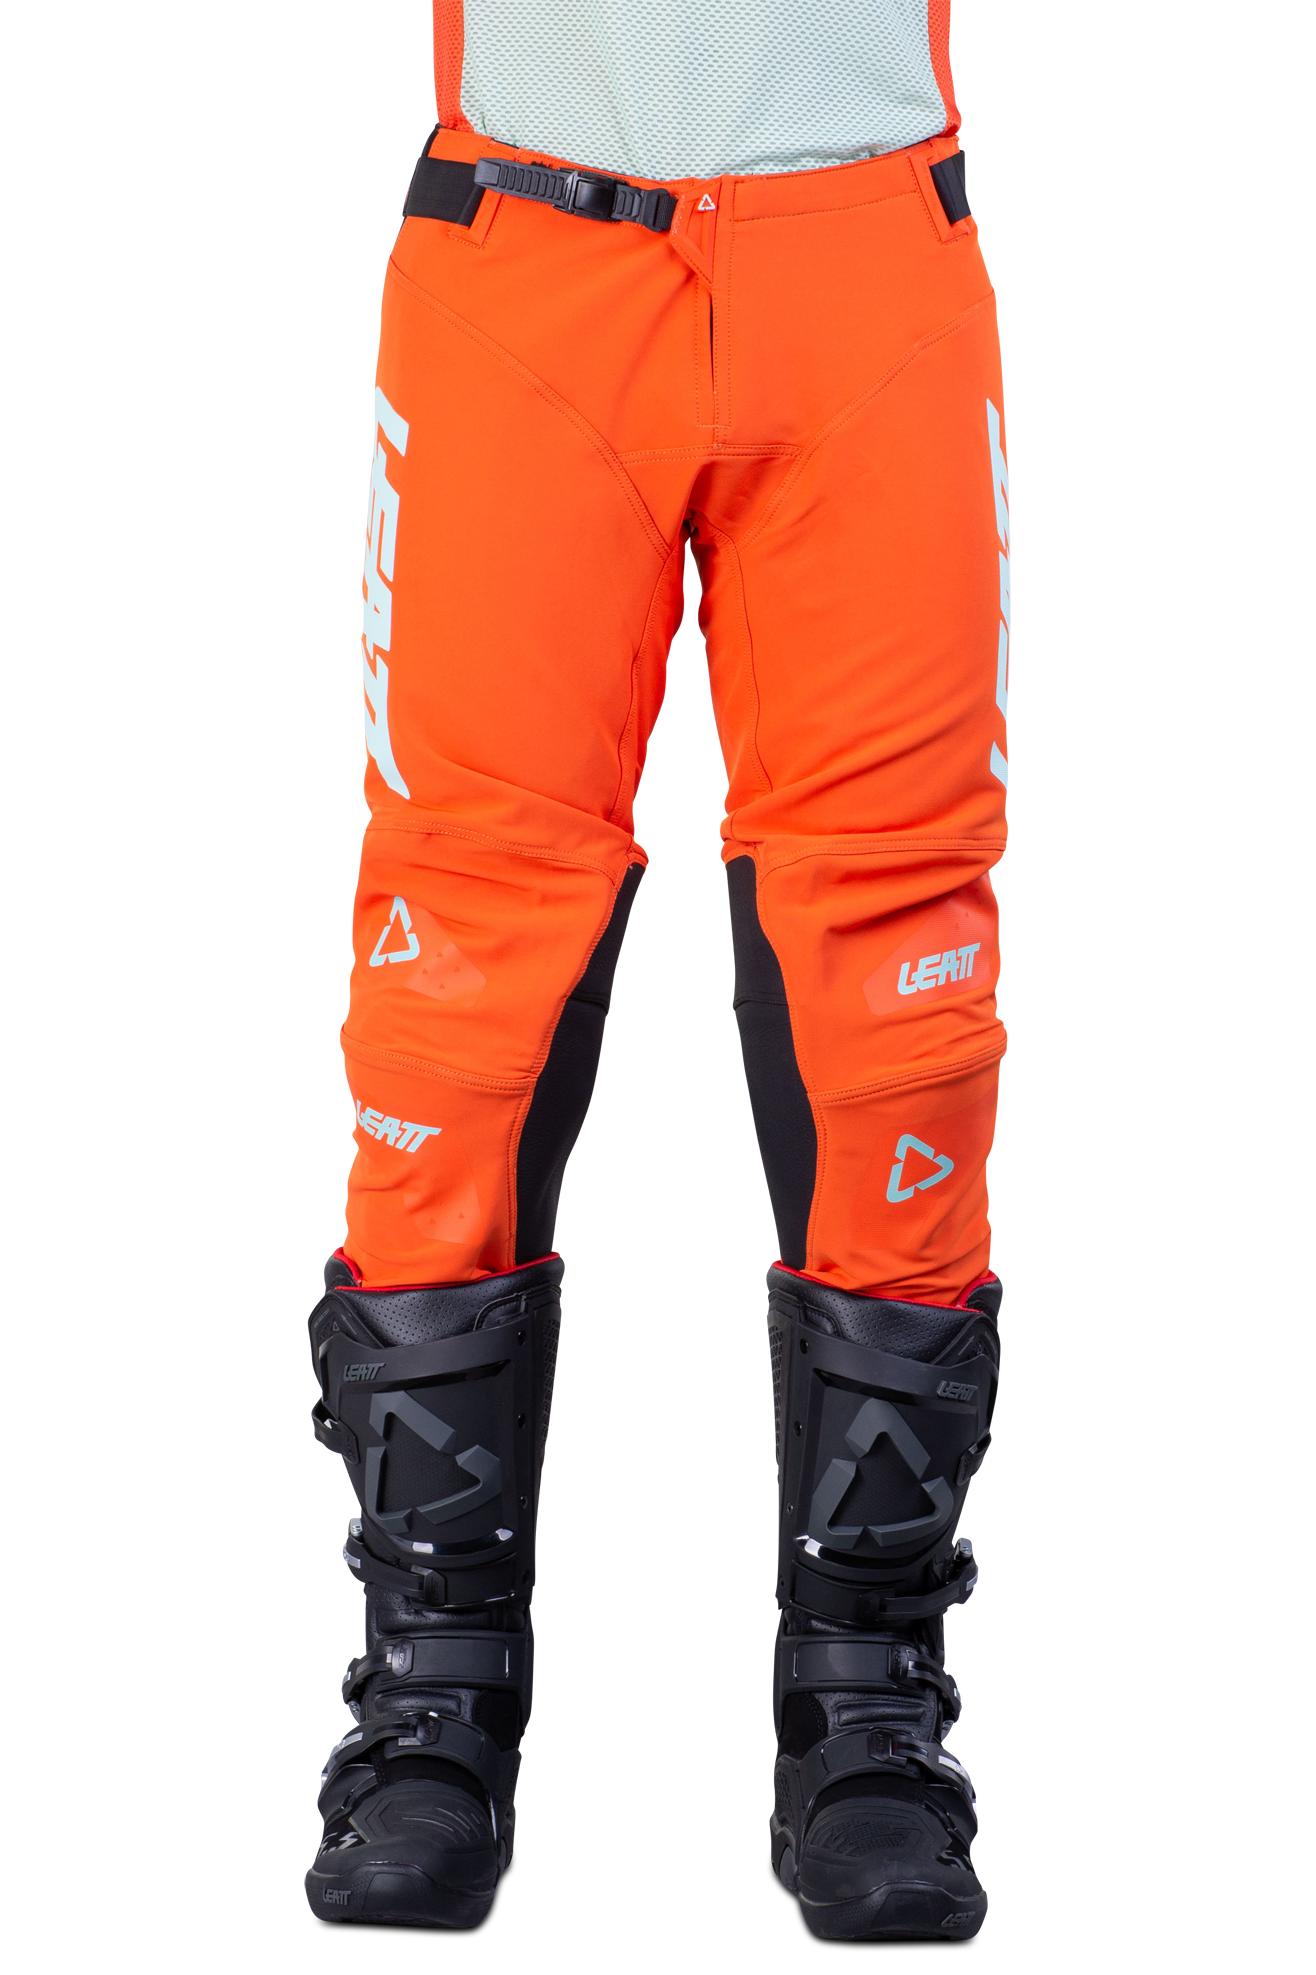 Leatt Pantaloni Cross  Moto 5.5 IKS Arancio